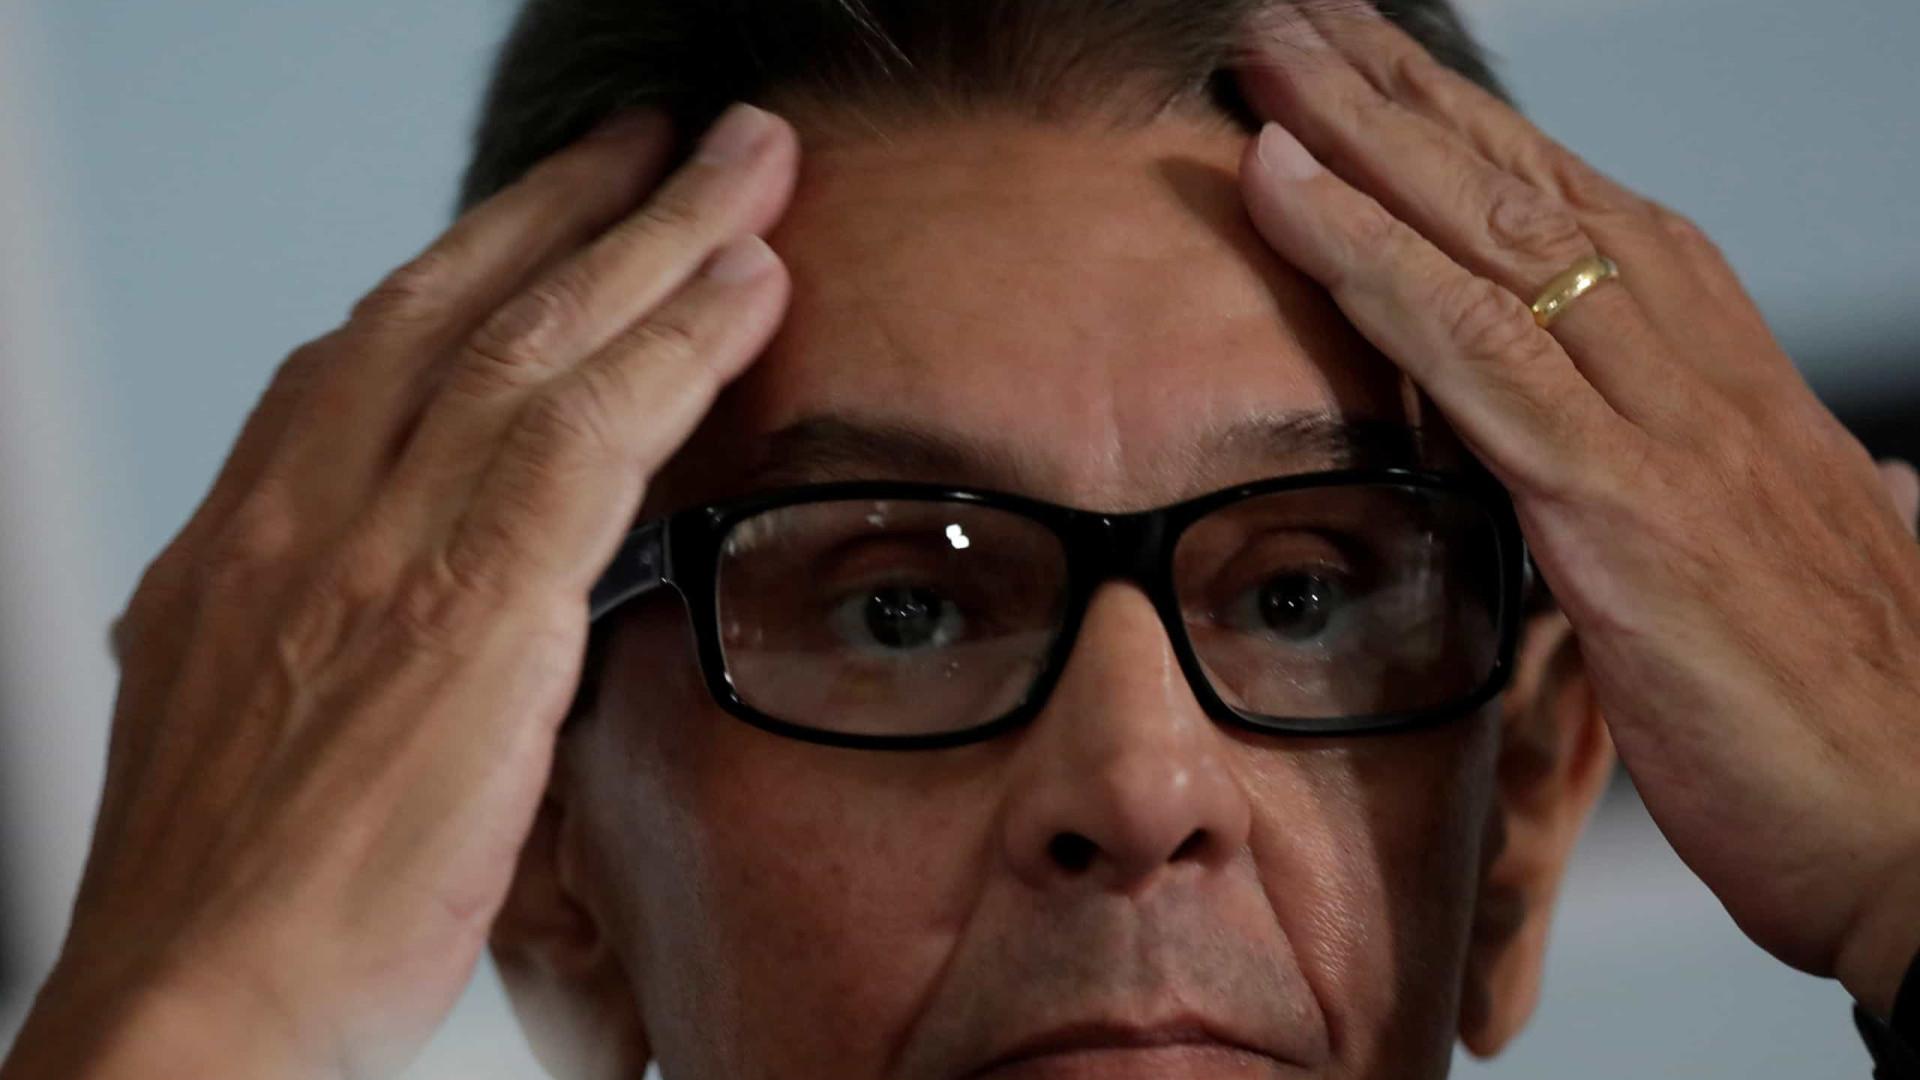 Roberto Jefferson diz que ministros do STF são 'sodomitas'